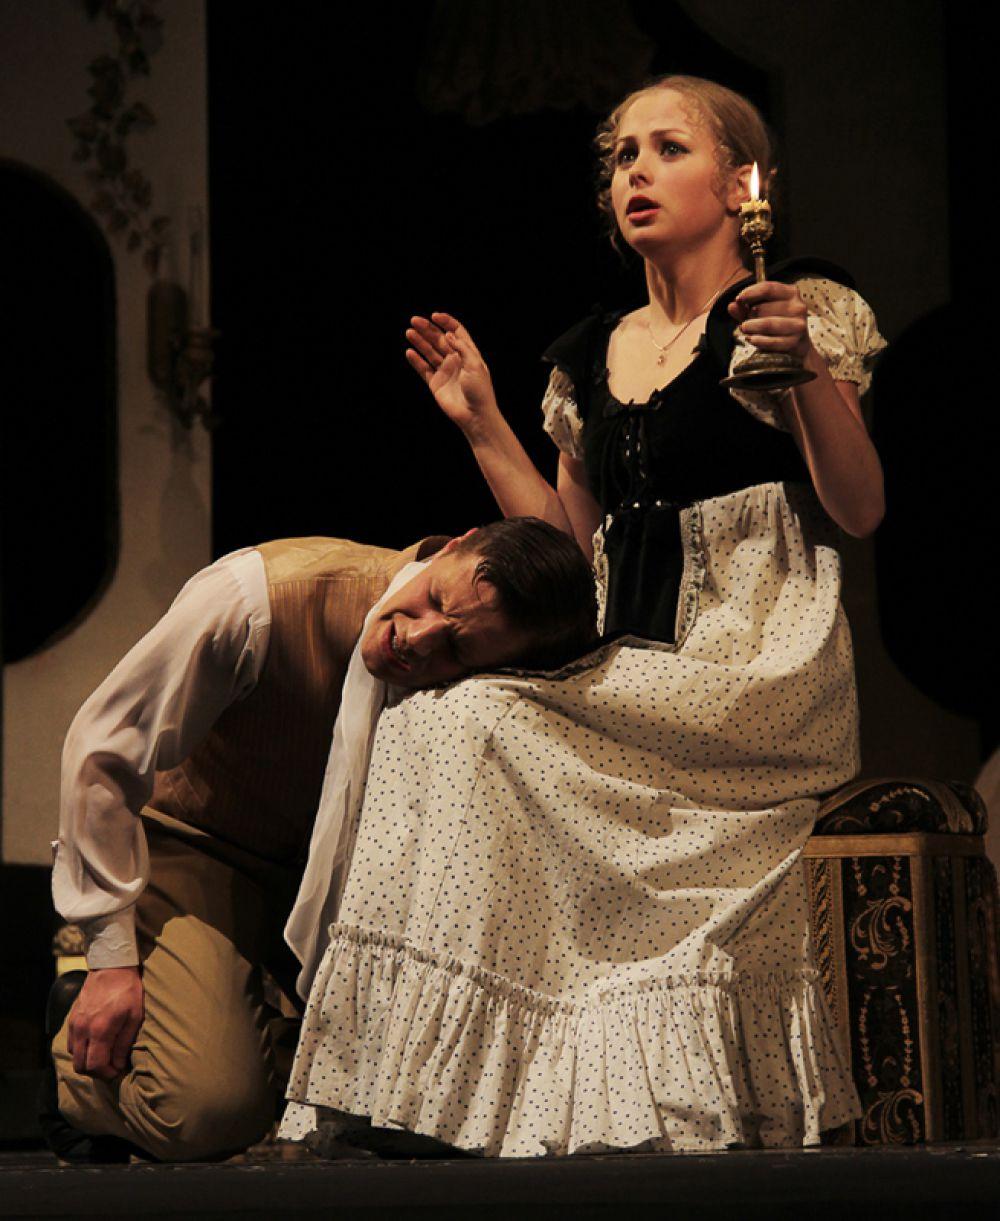 Пока Софья сохнет по Молчалину, тот страдает от невнимания служанки Лизаньки